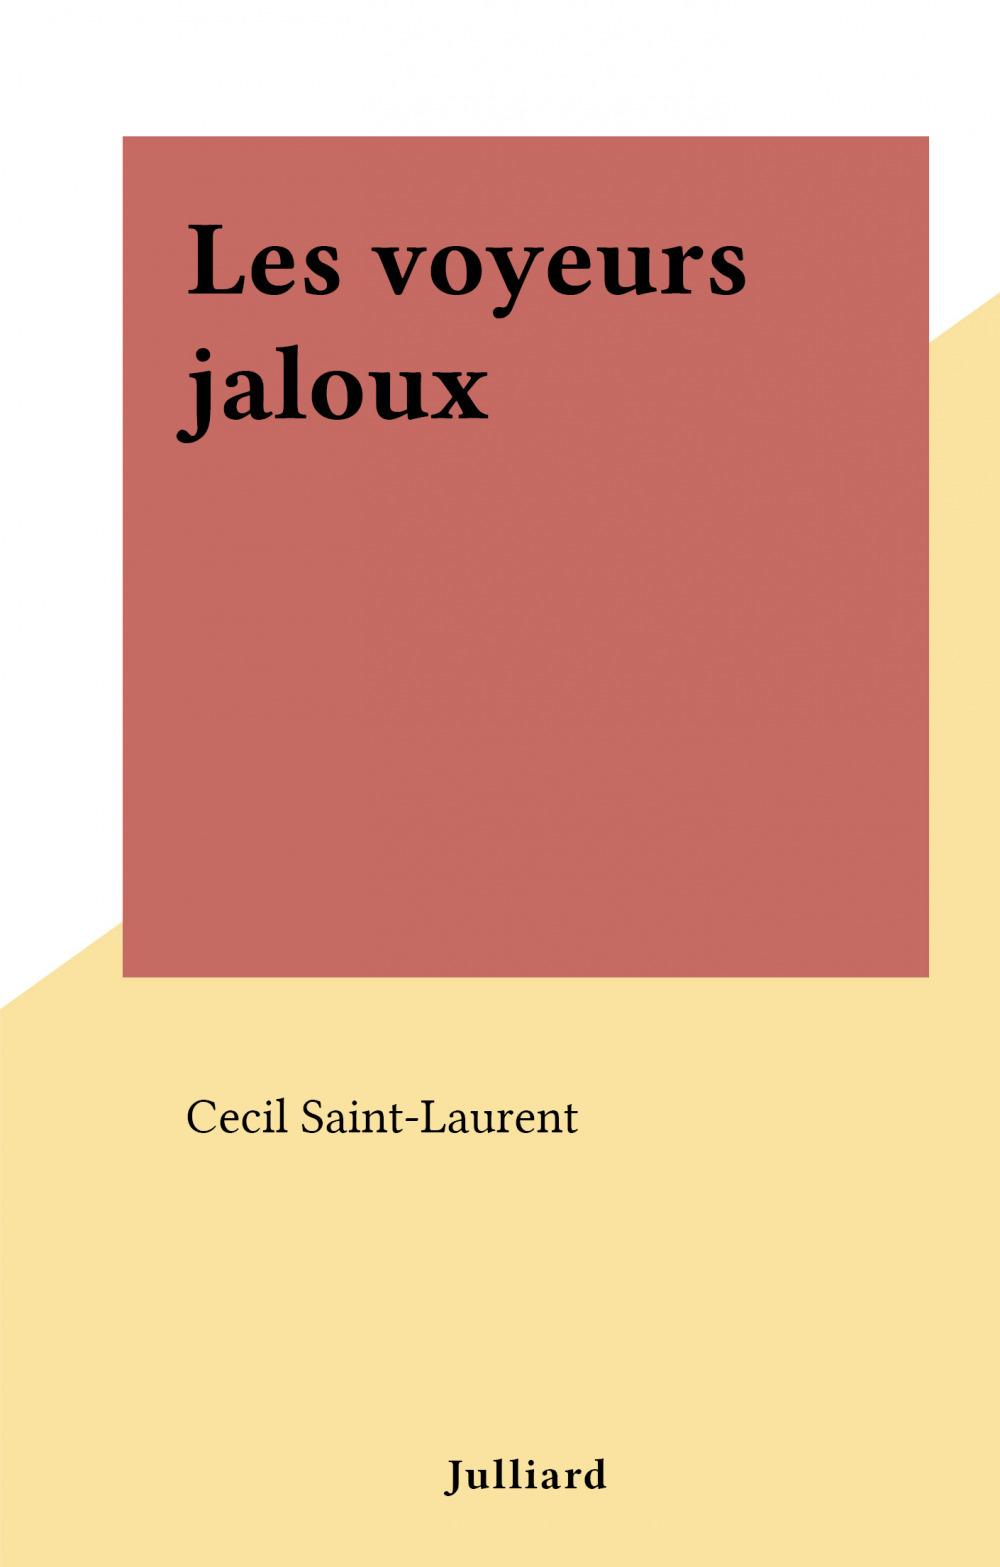 Les voyeurs jaloux  - Cecil Saint-Laurent